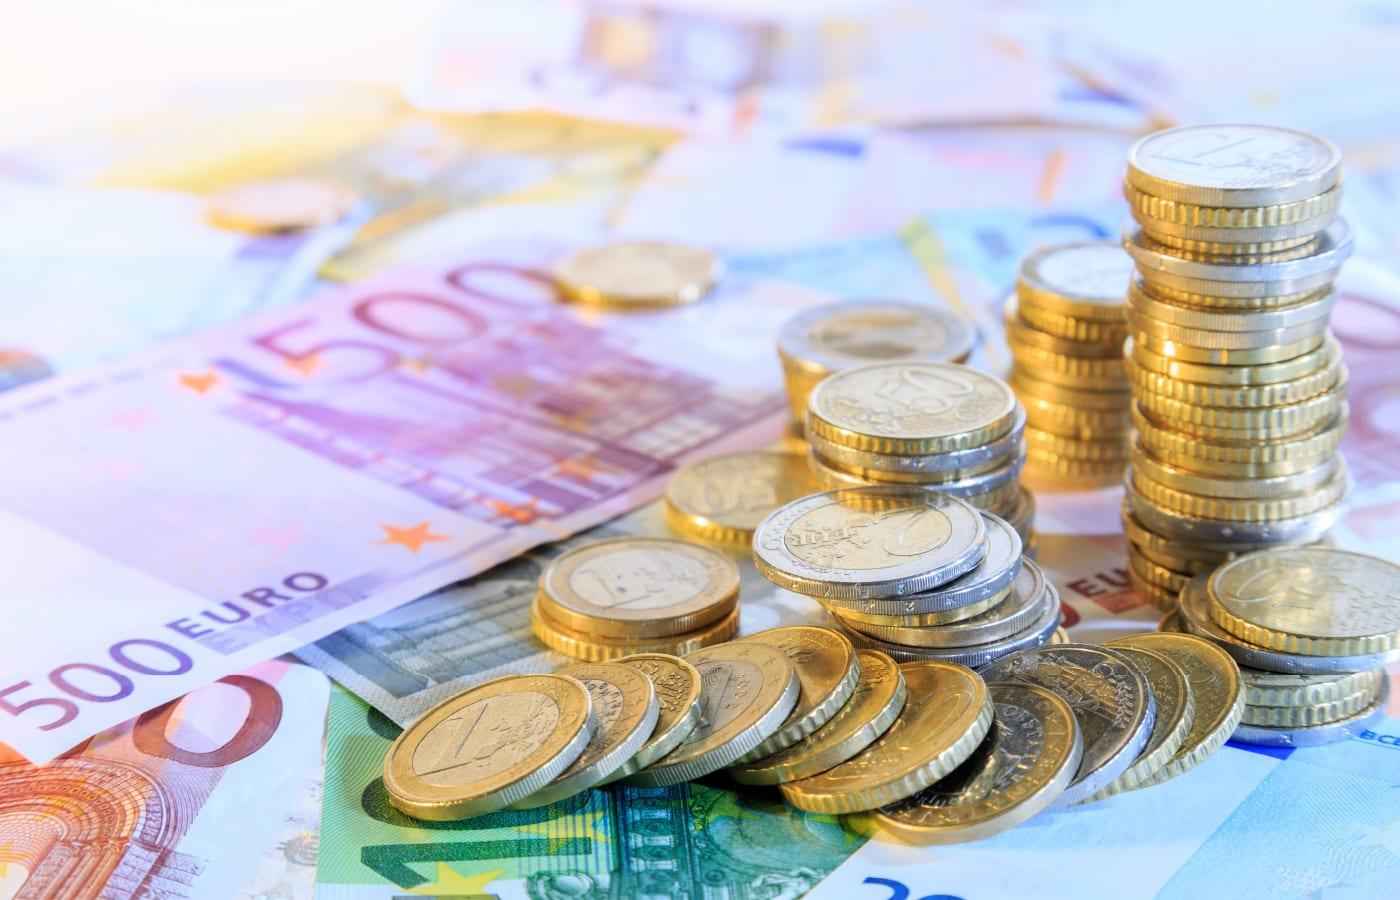 Ponad 4 mln zł dofinansowania dla naszych klientów narealizacje projektów badawczo rozwojowych!